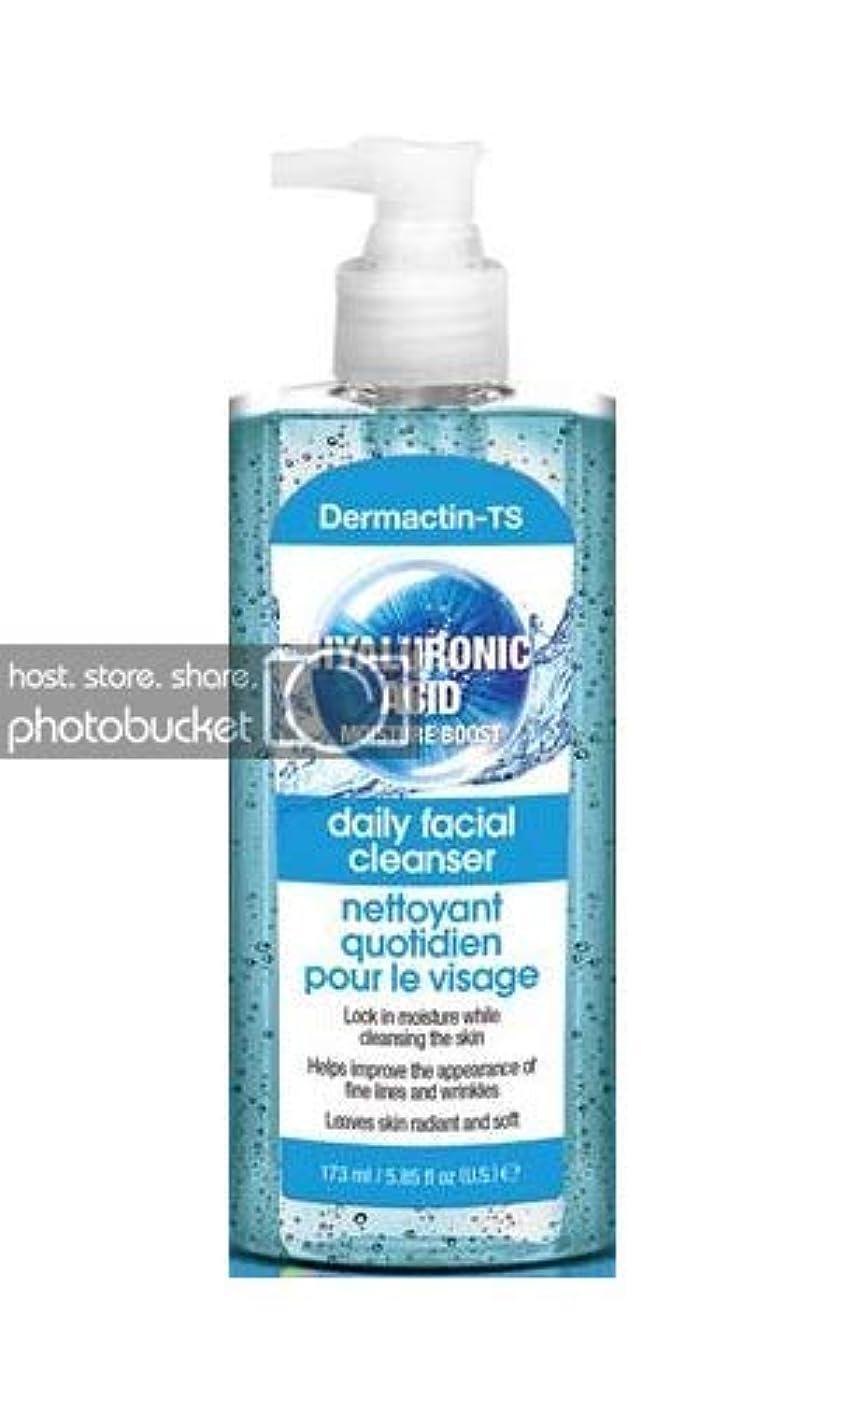 ずんぐりした着服乳剤Dermactin-TS モイスチャーブースターヒアルロン酸フェイシャルクレンザー5.85 oz (3パック) (並行輸入品)